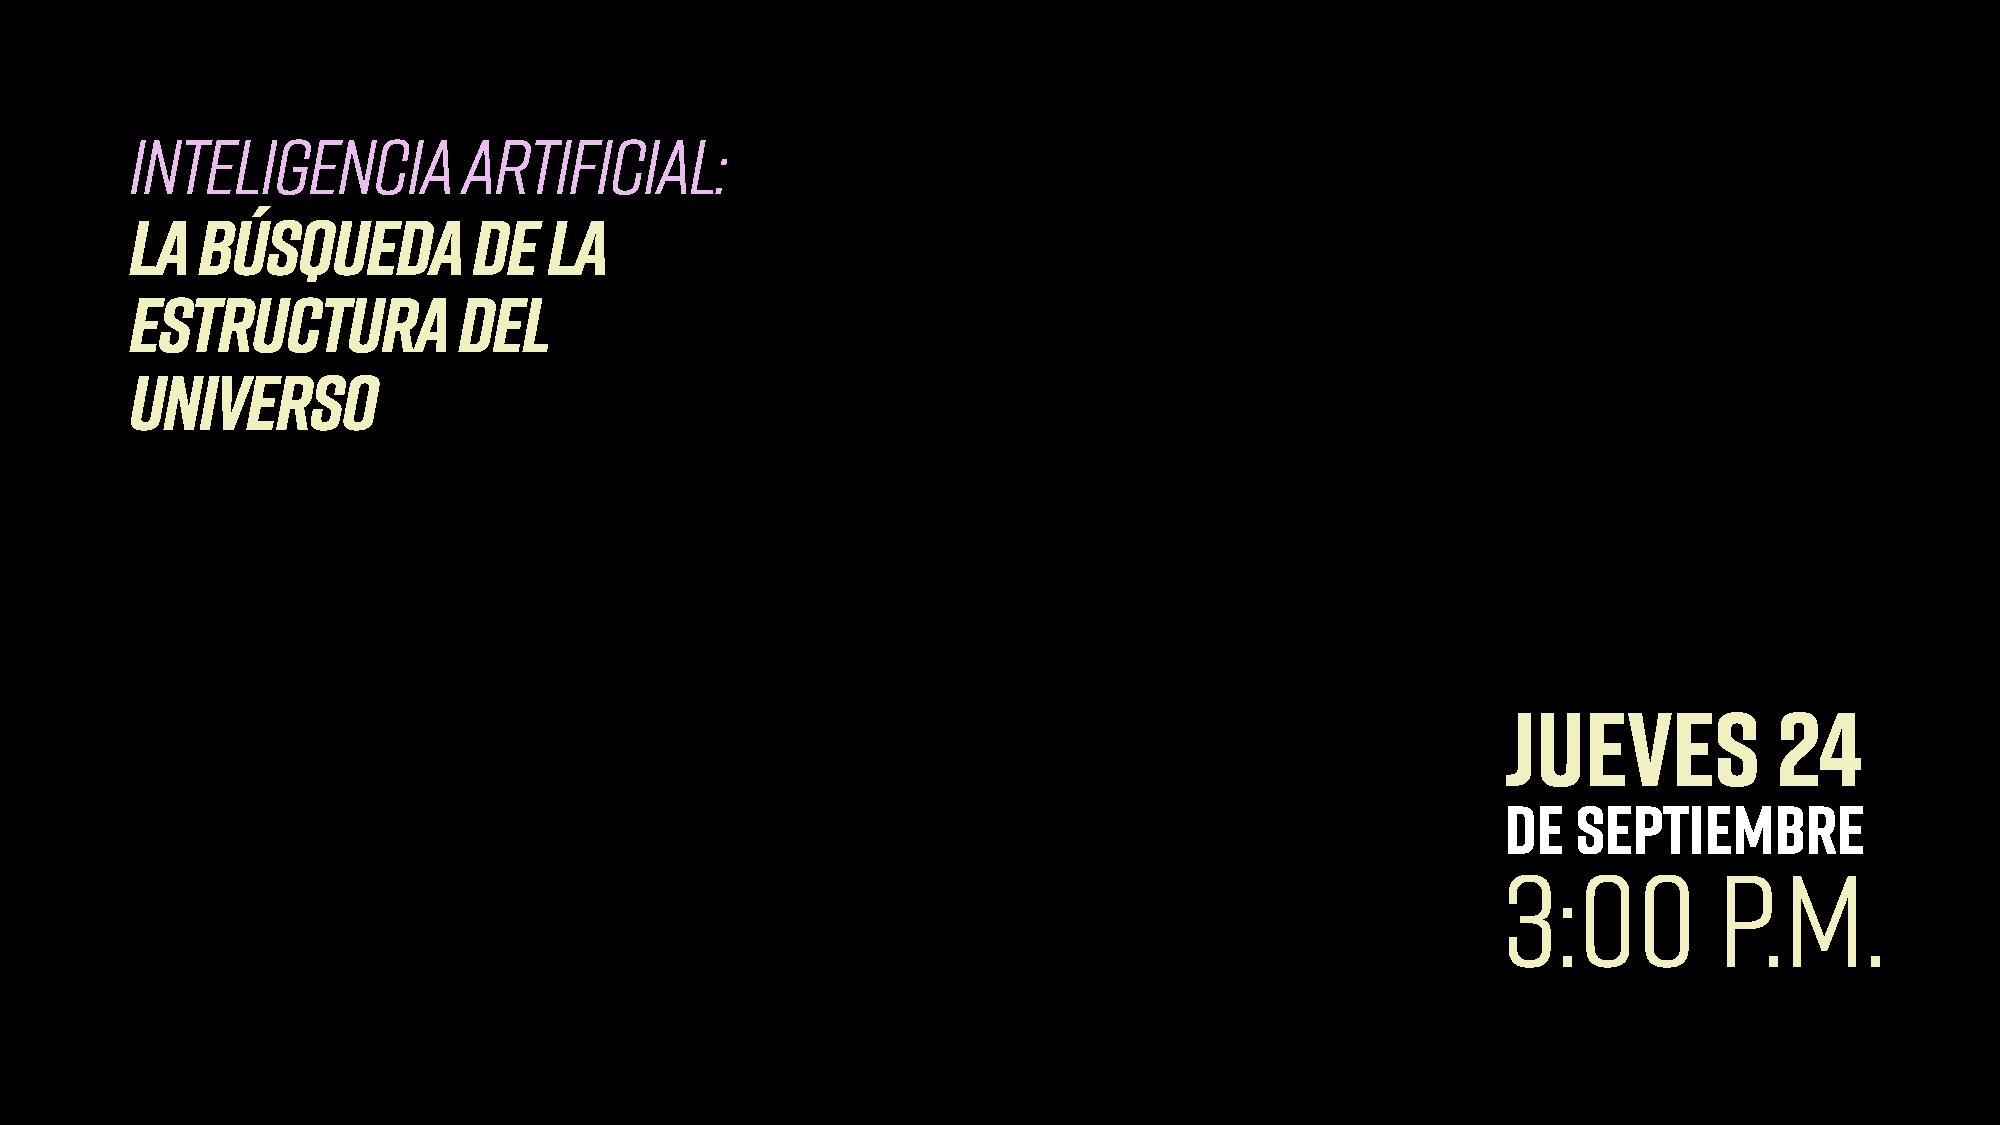 banner-Planetario-inteligencia-artificial-textos.png